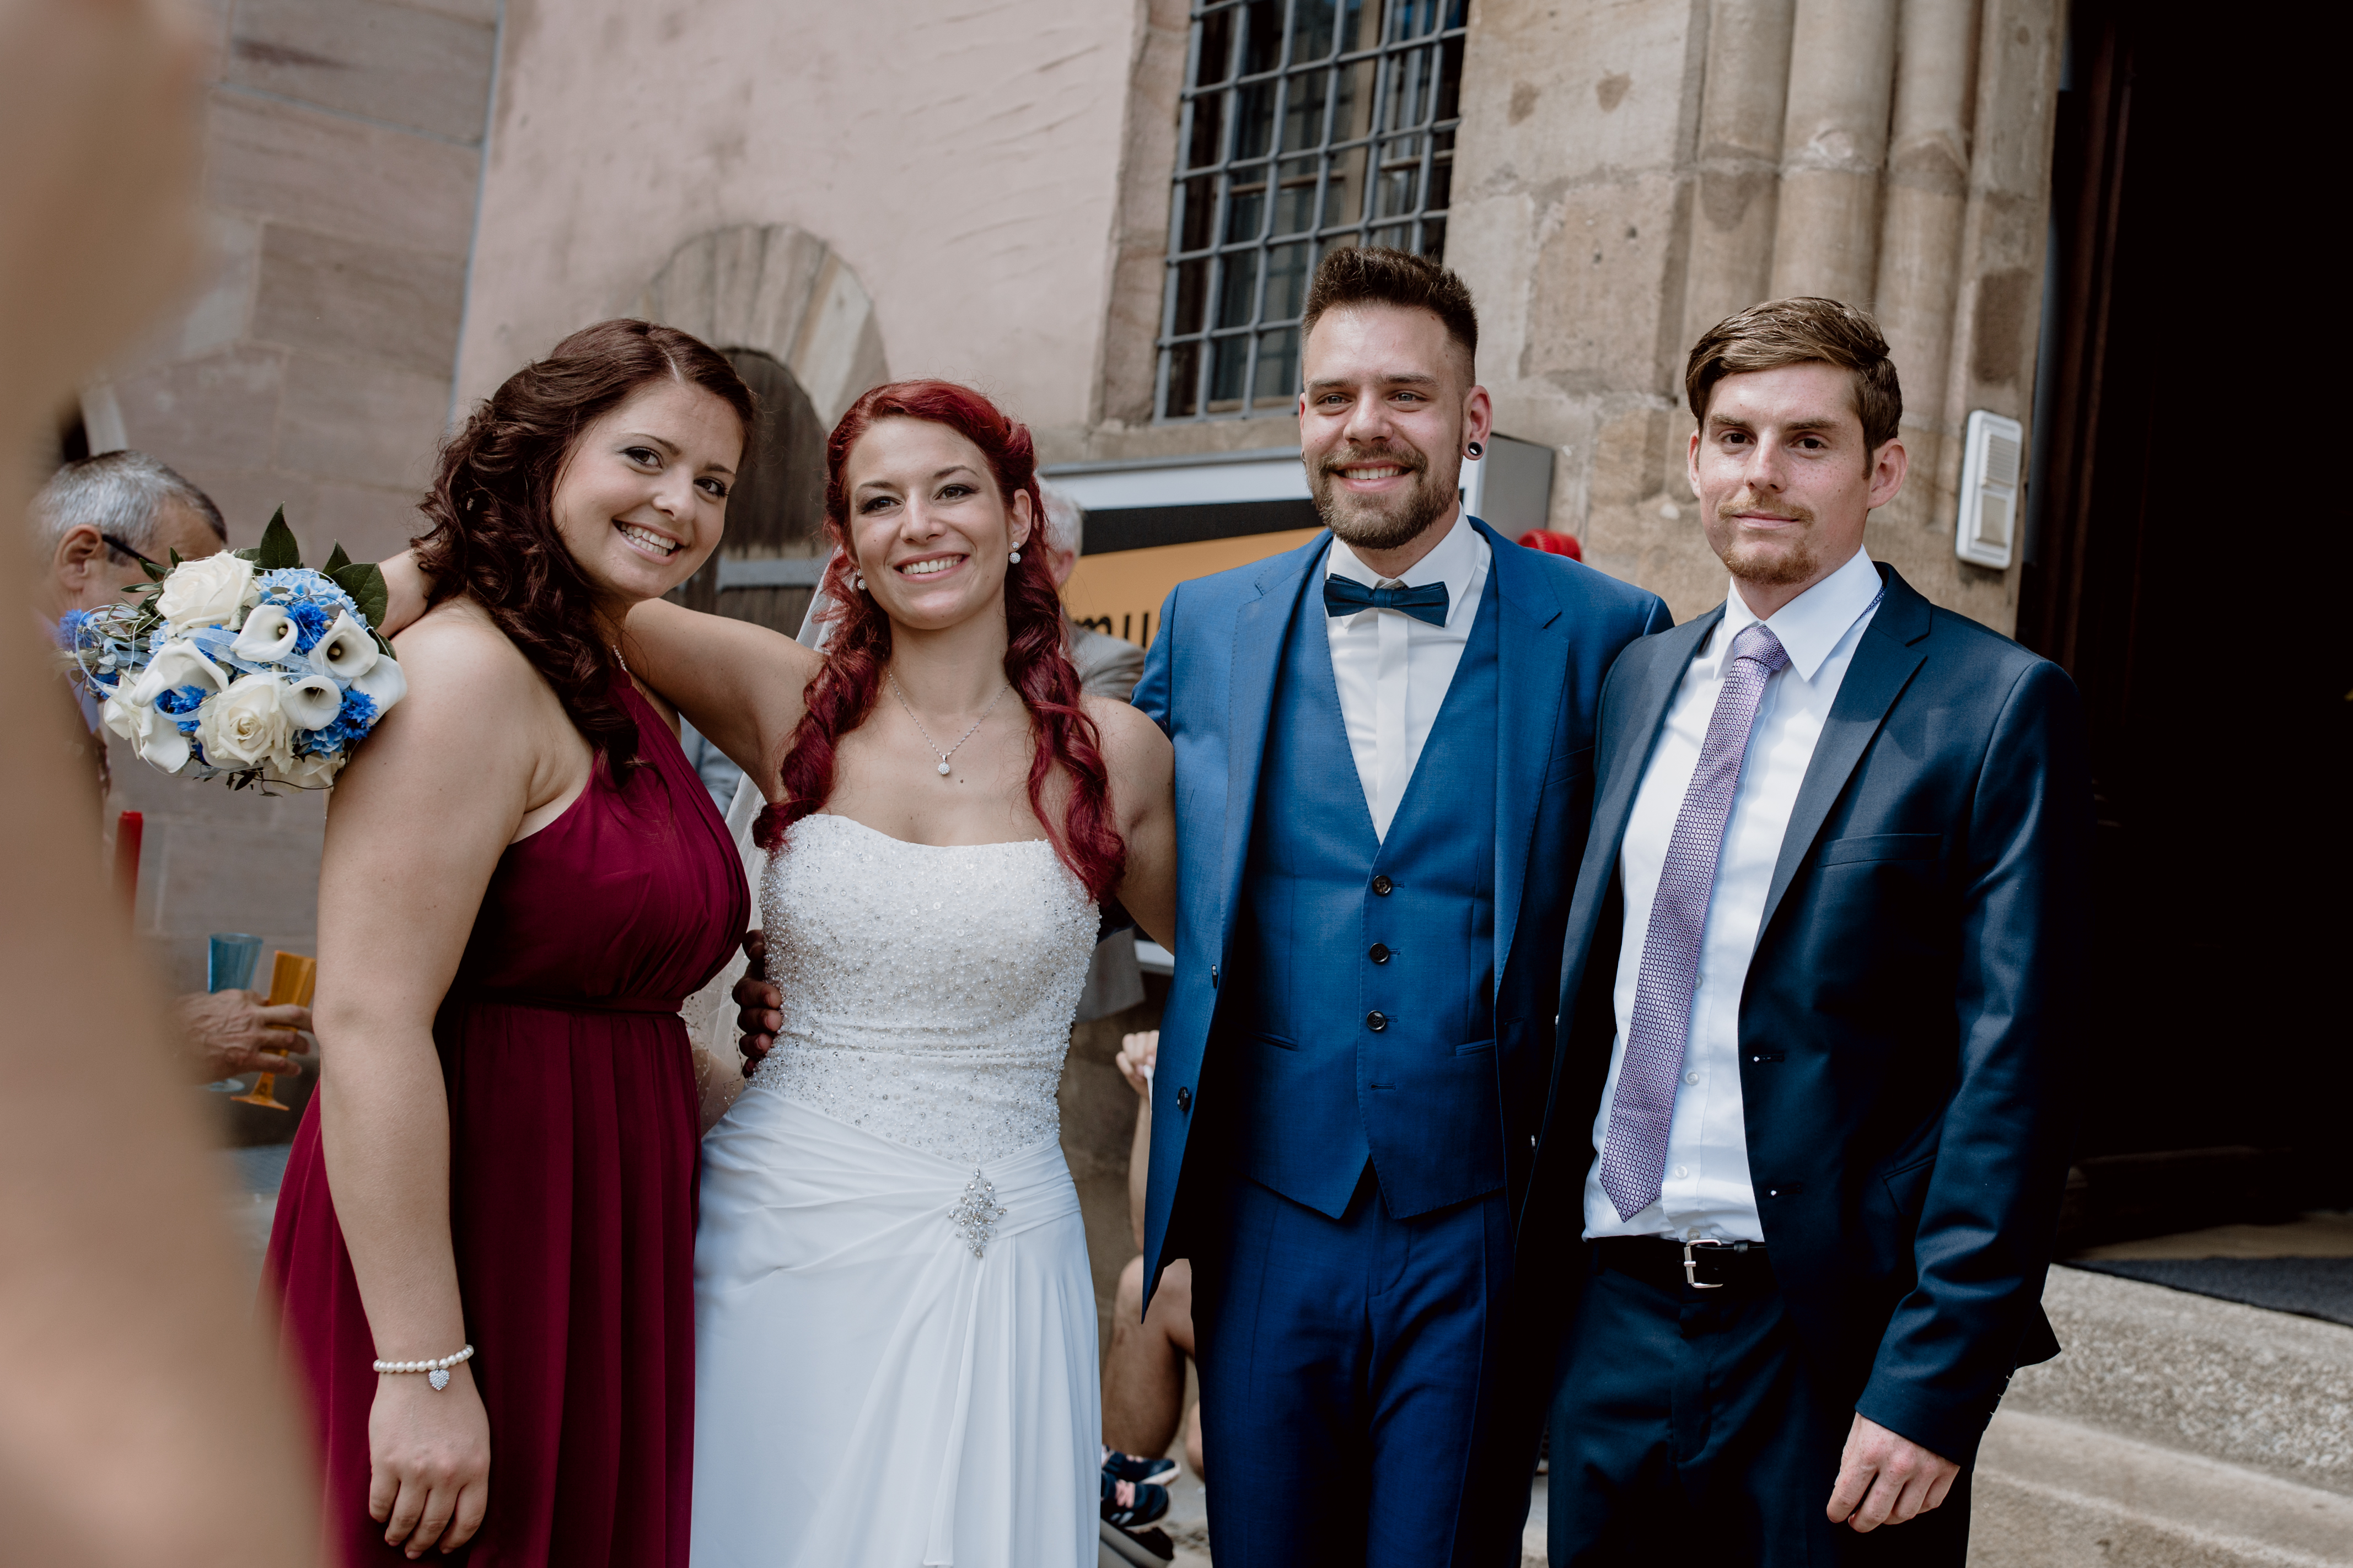 URBANERIE_Hochzeitsfotografin_Nürnberg_Fürth_Erlangen_Schwabach_170630_0385